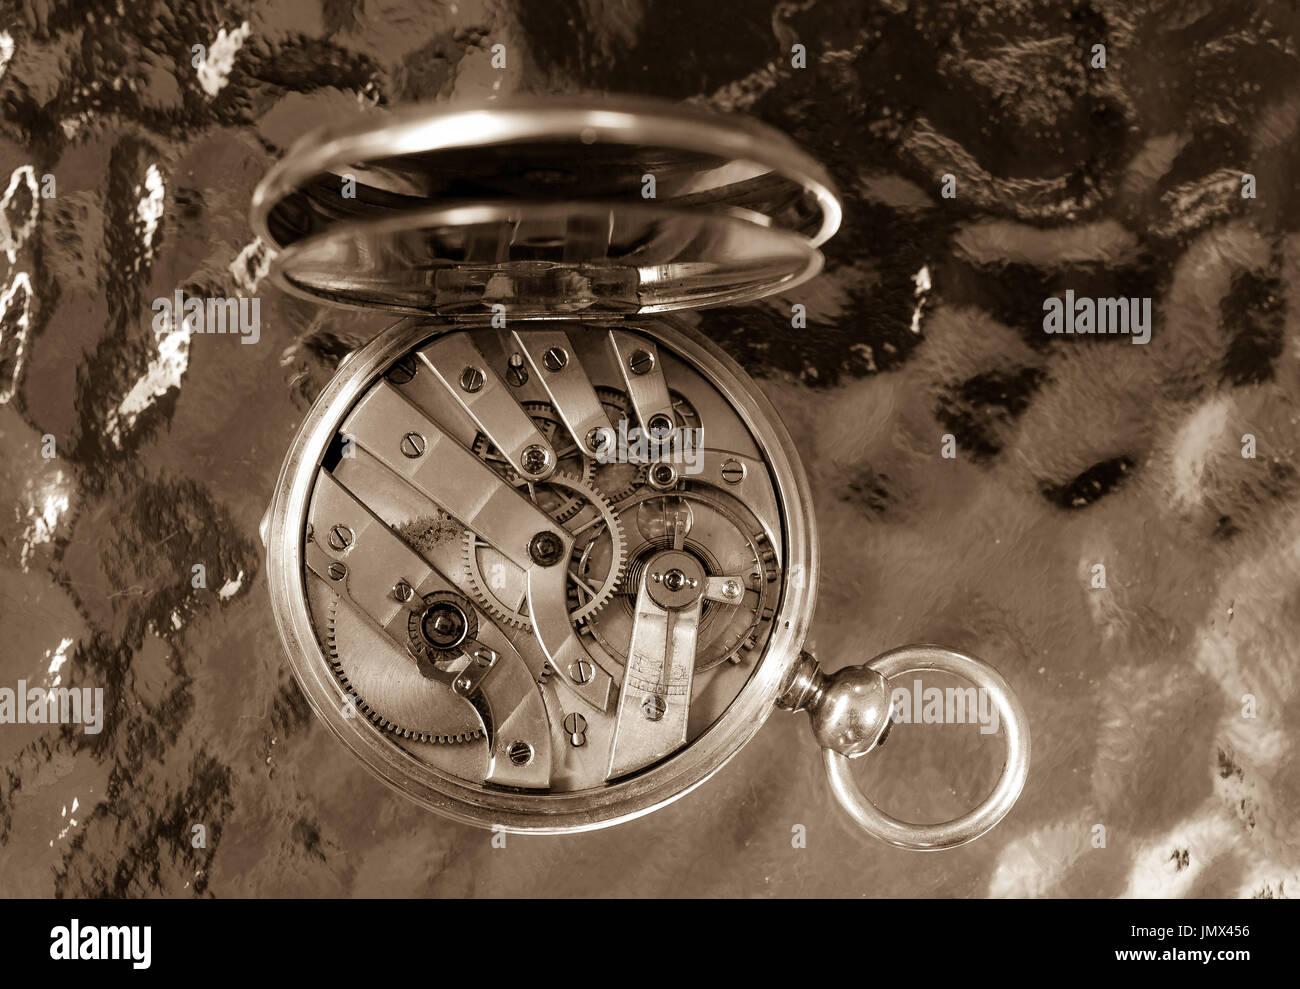 le coultre ladies smallest vintage watch